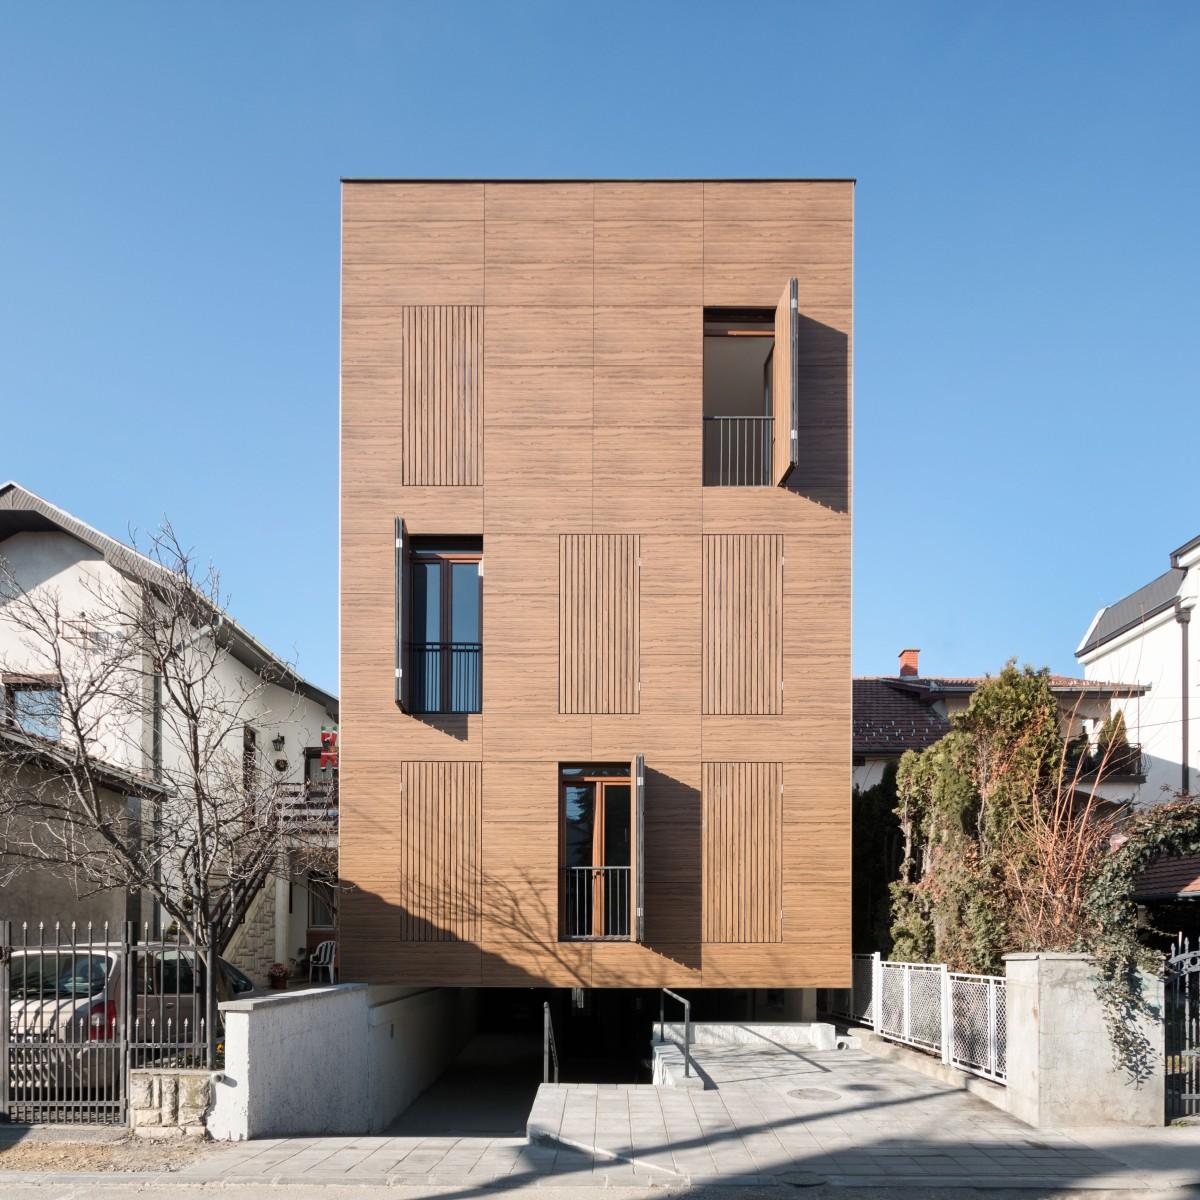 mapa kragujevca sa objektima Inovativna zgrada u Kragujevcu koja negira kontekst ulice mapa kragujevca sa objektima